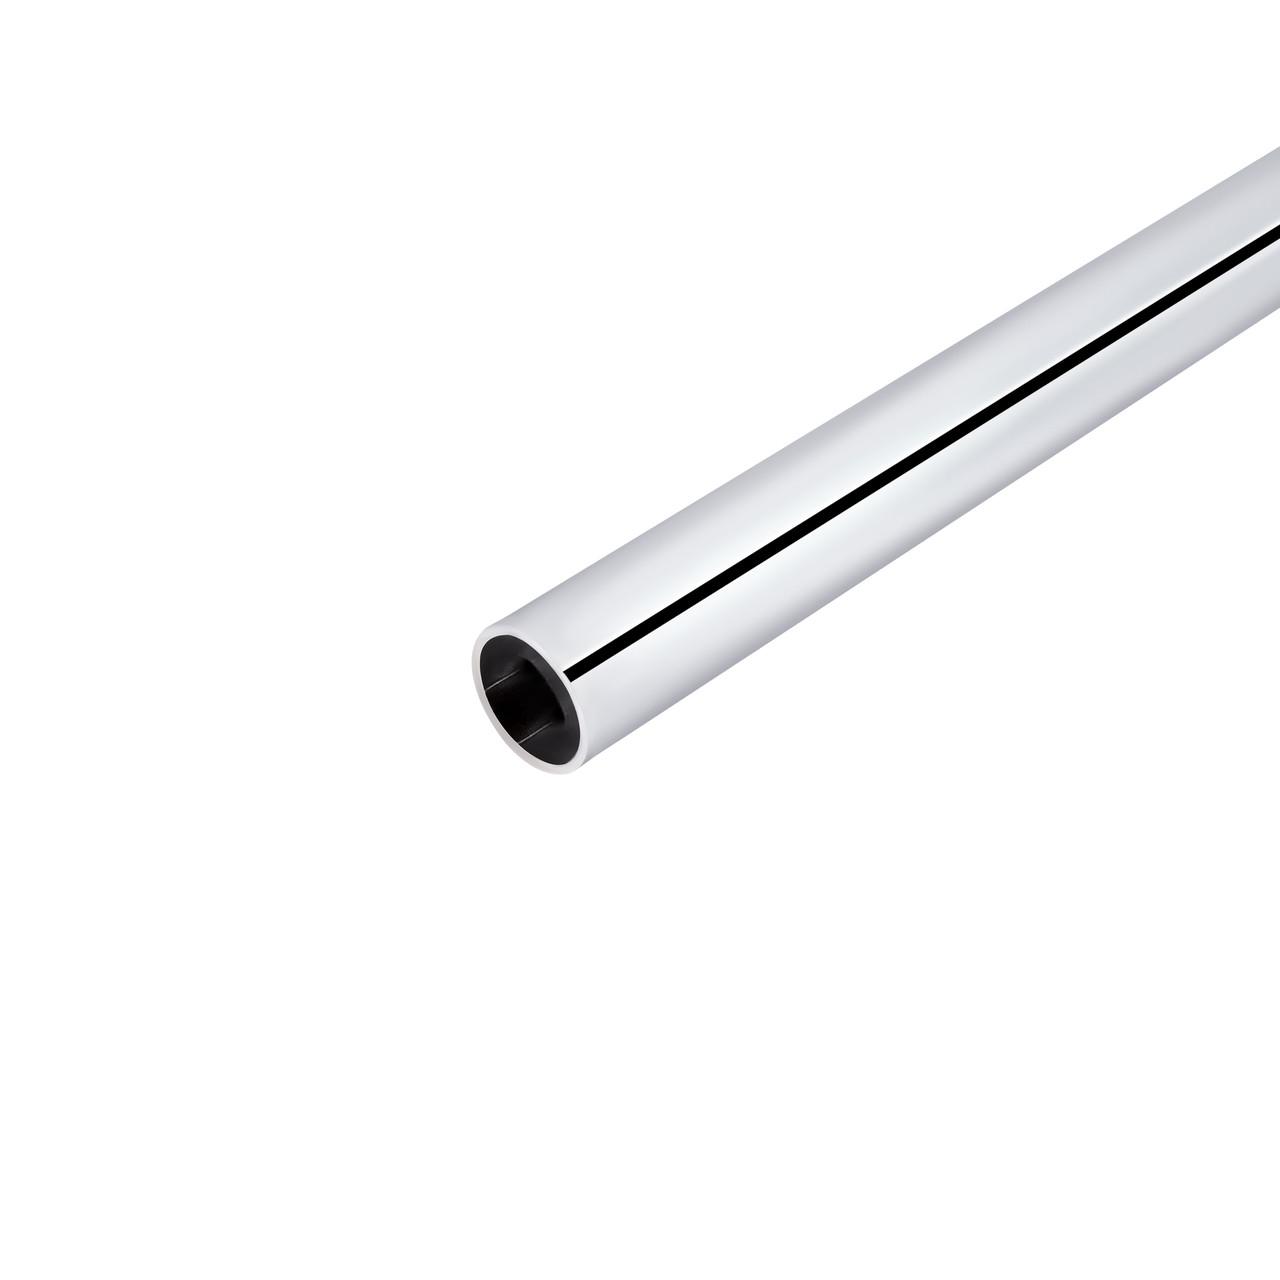 Сталева Трубка Icma 1000 мм для двухуглового термокрана №889